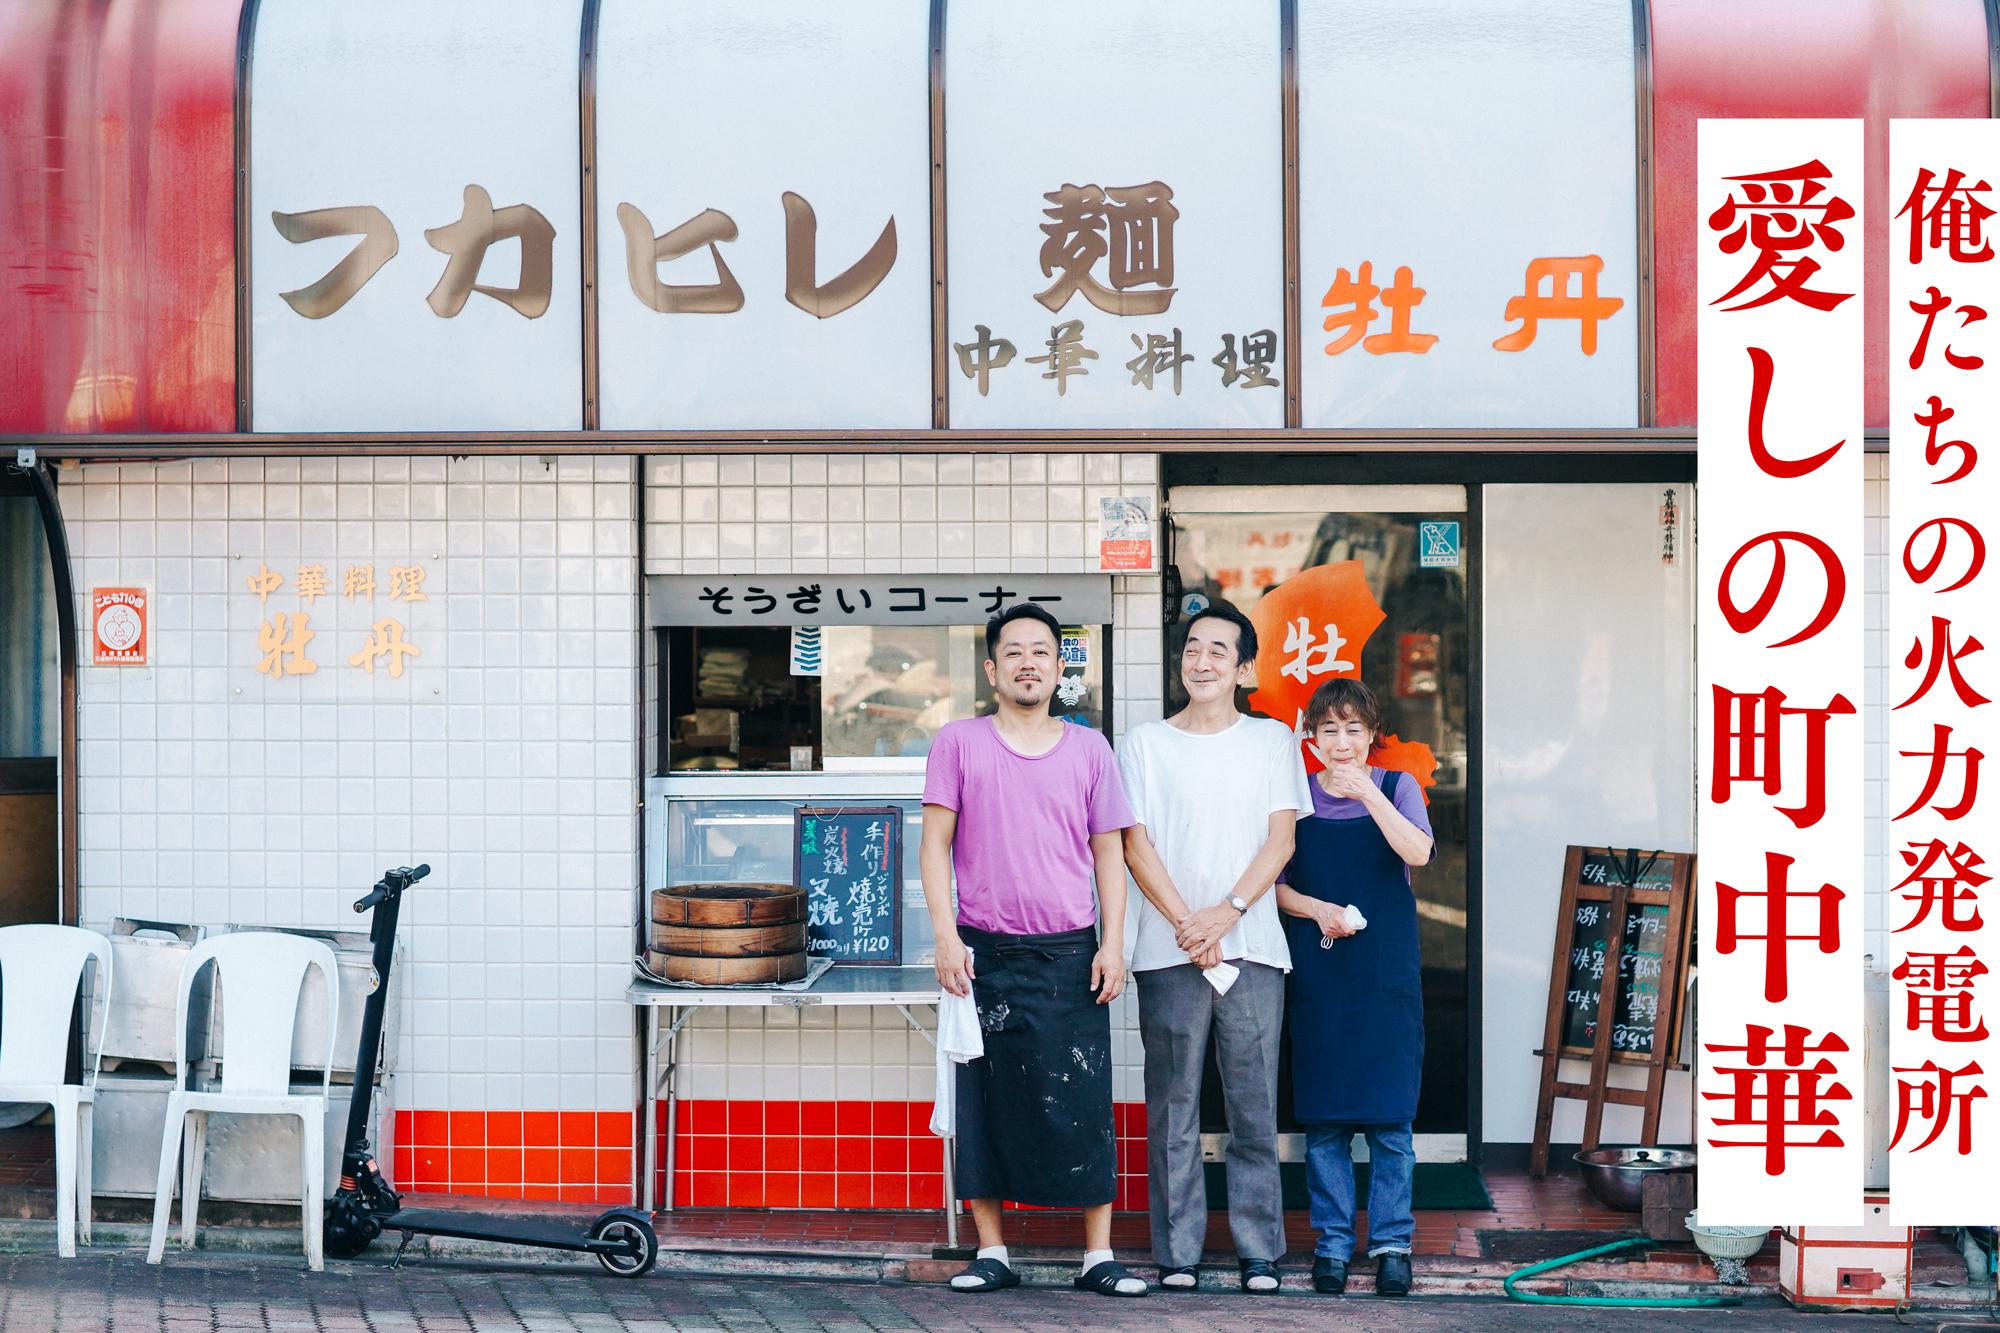 ウマい町中華がある町はいい町だ。「いつもの味」を70年紡いできた三崎の宝、牡丹